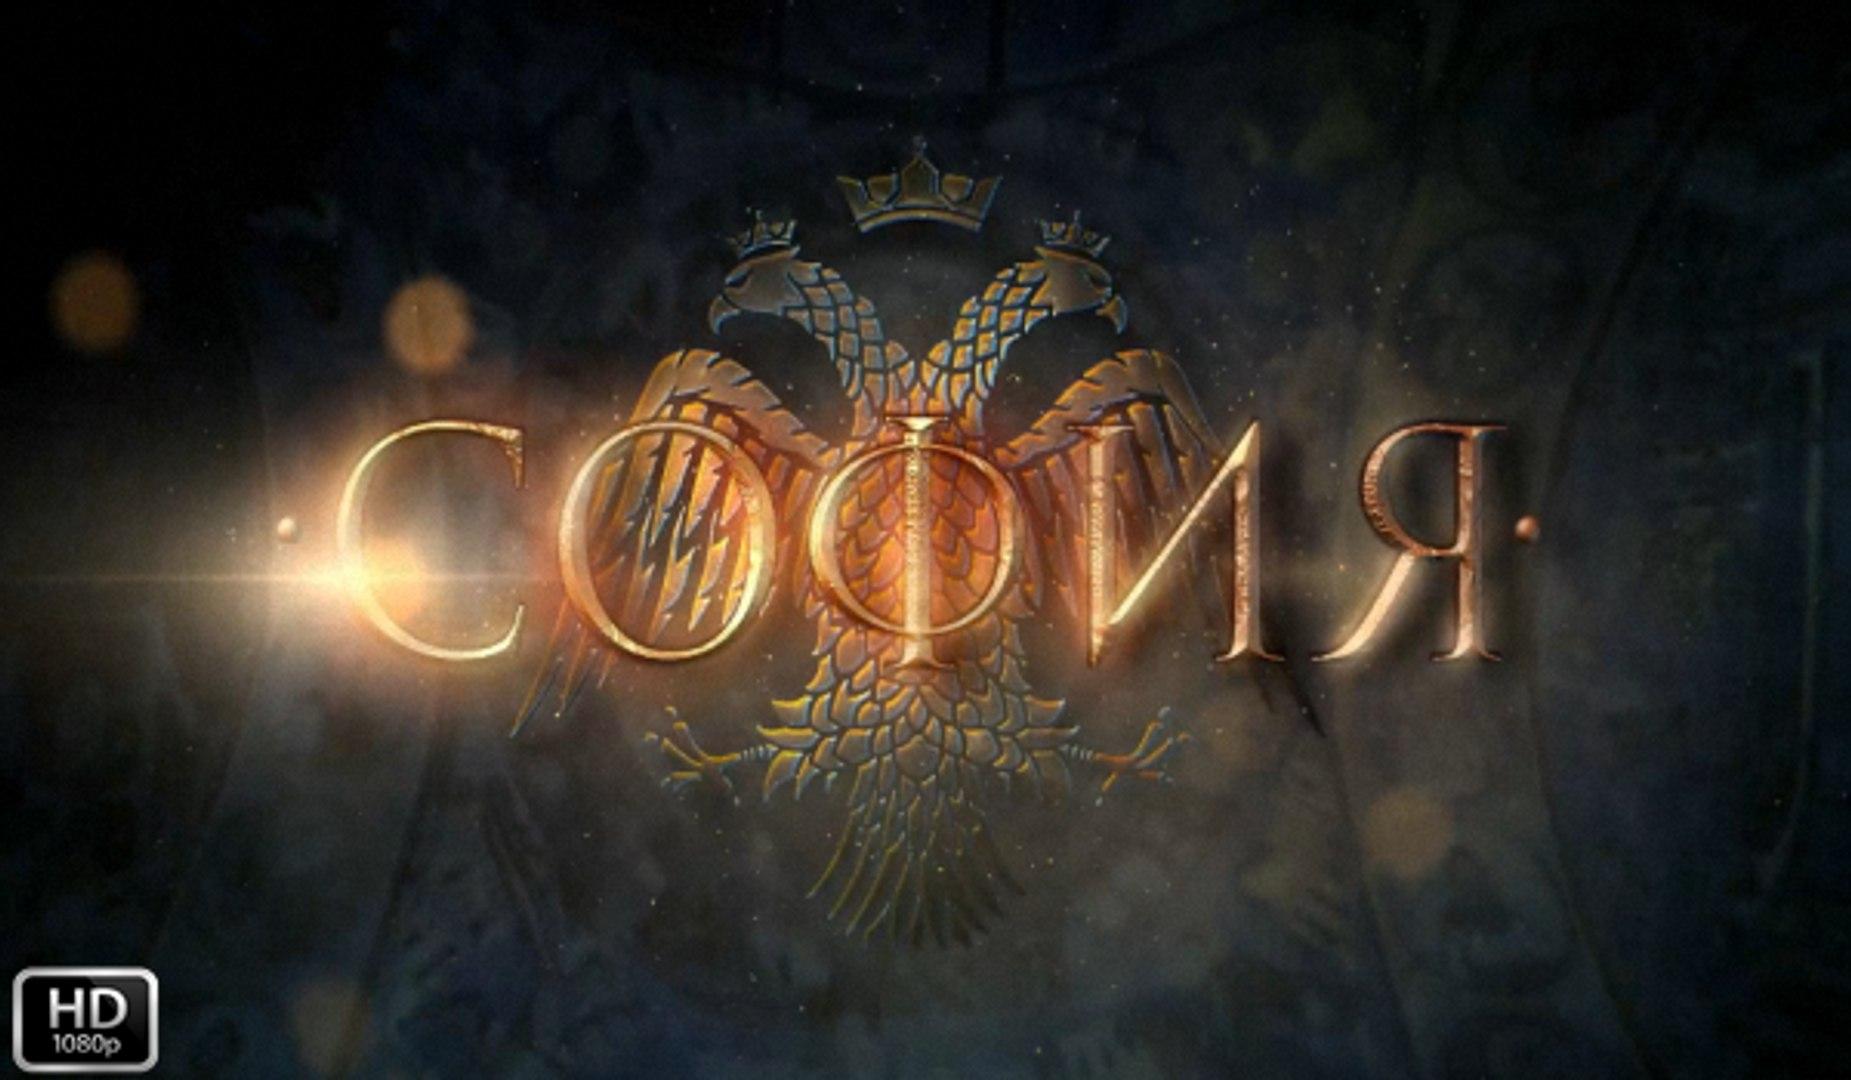 София 1 серия (2016) Сериал HD (1080p)